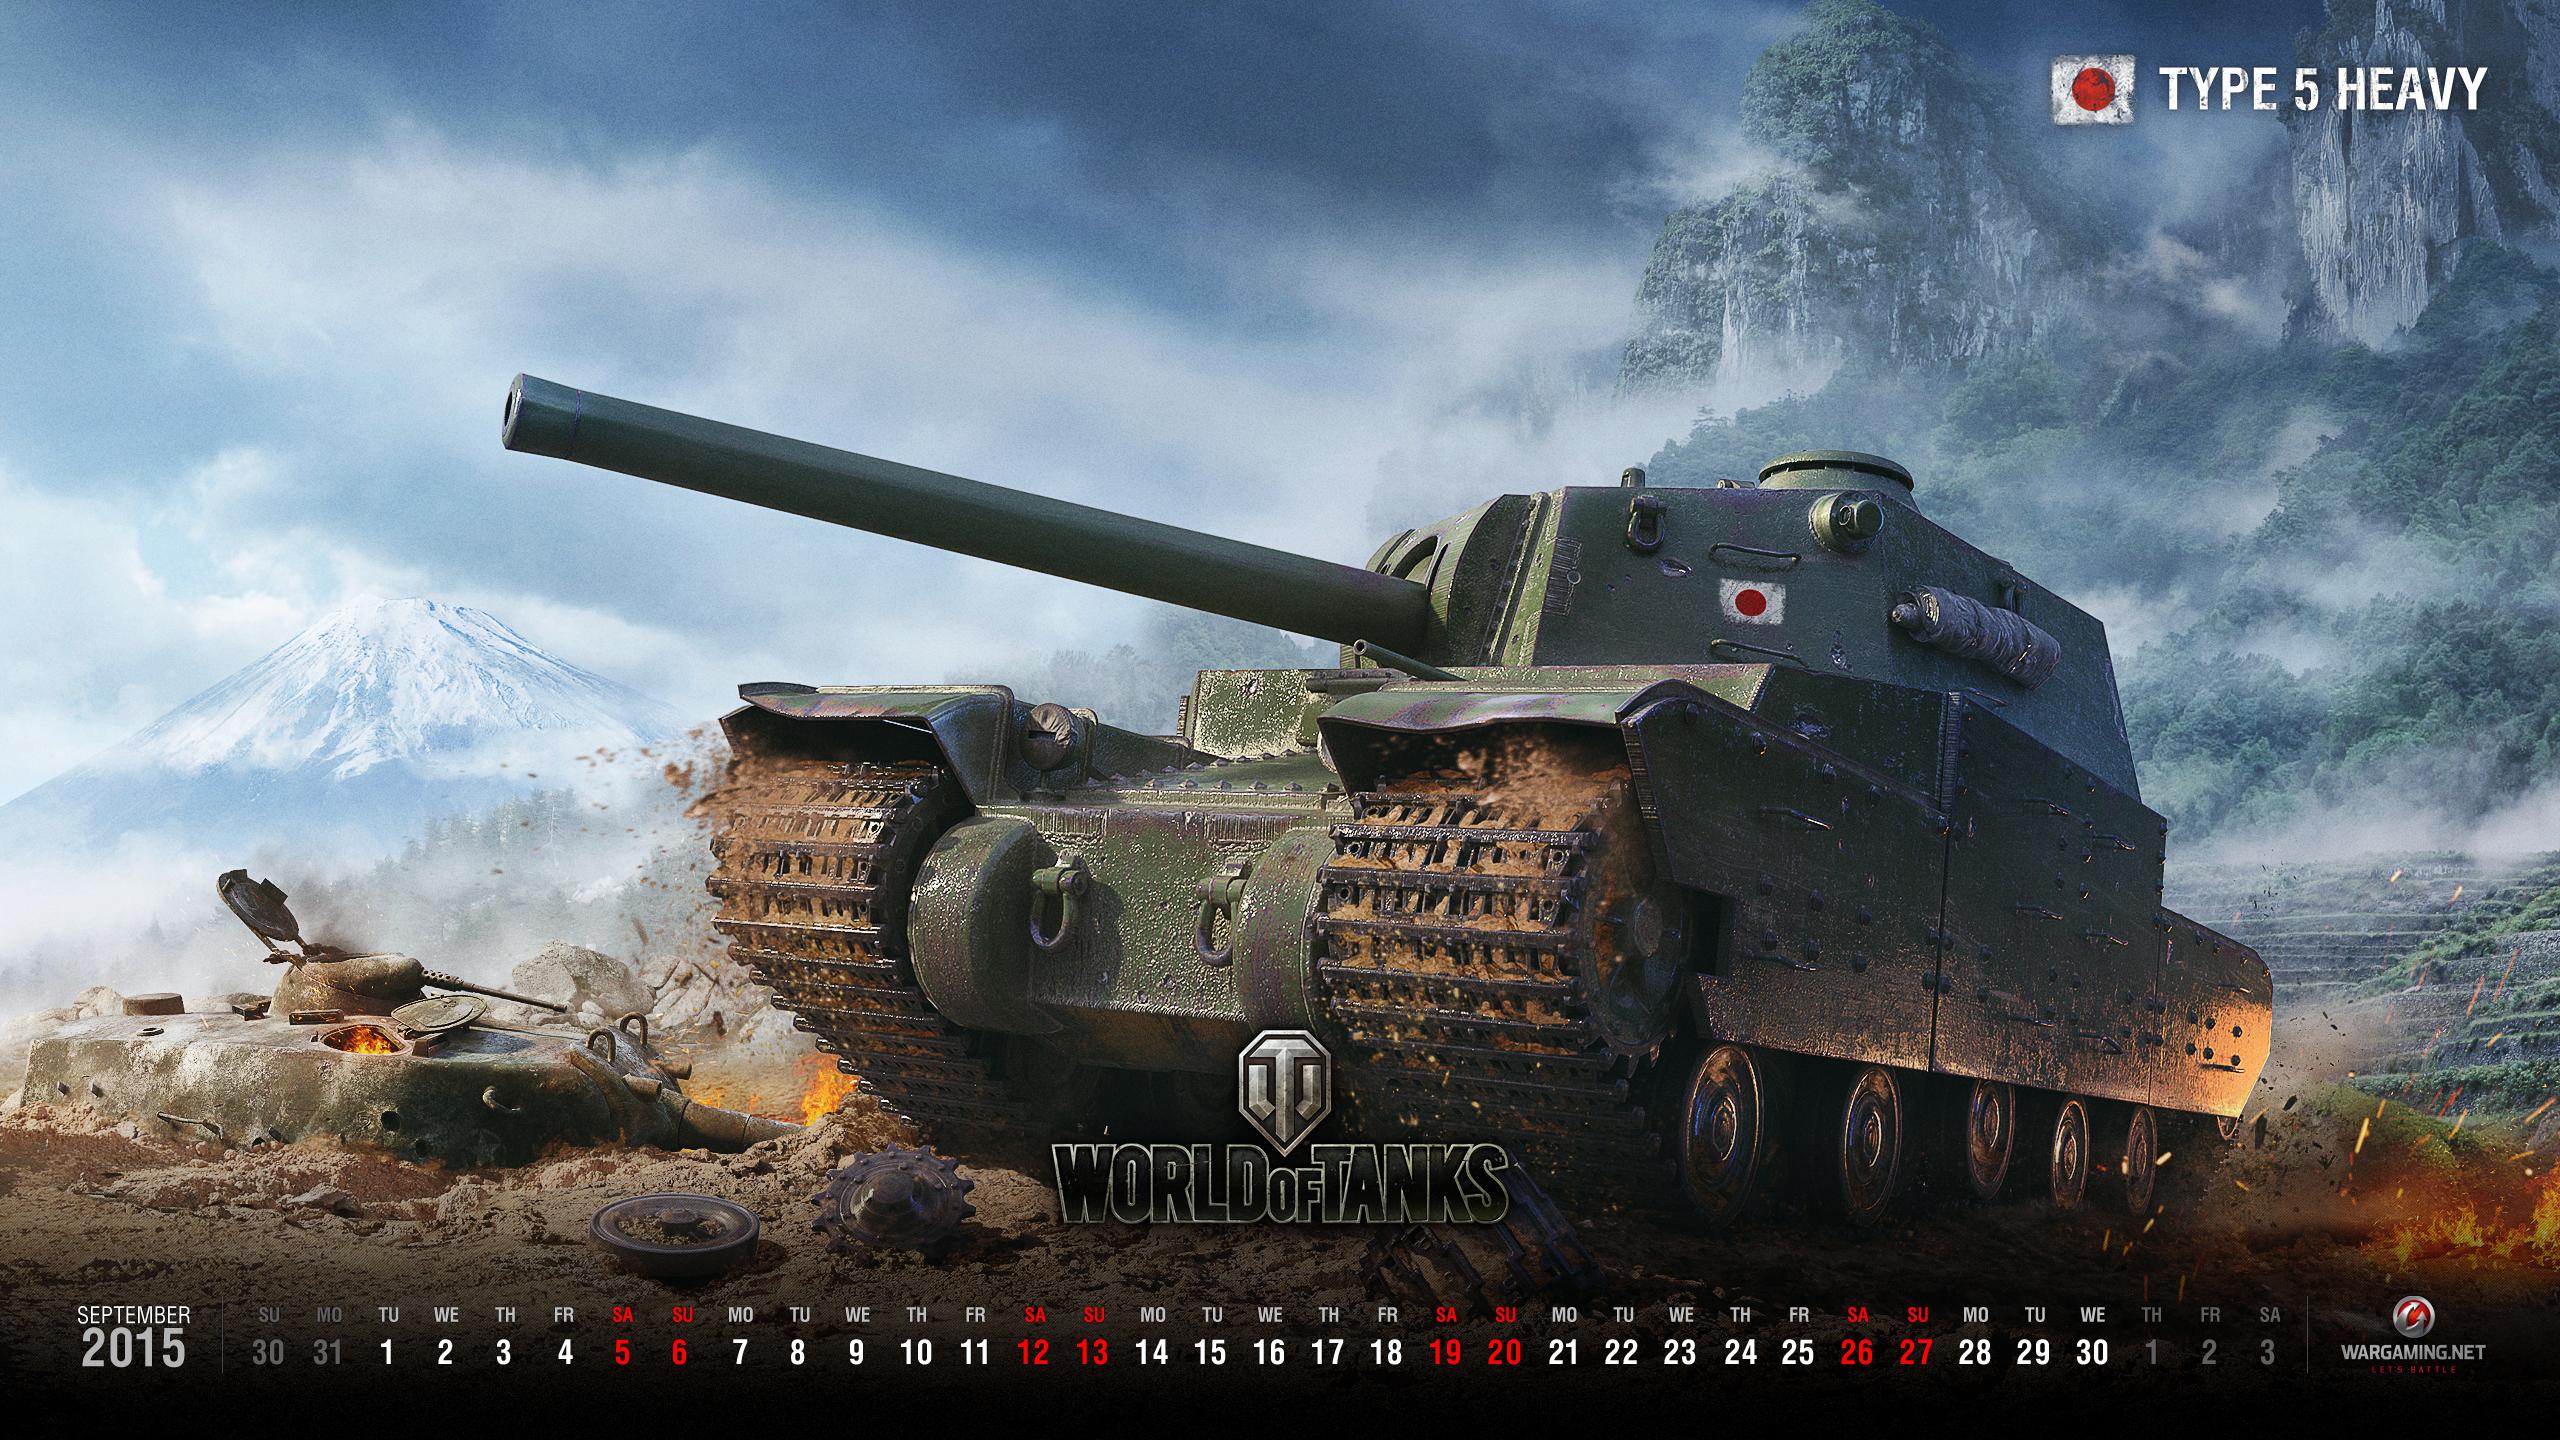 september 2015 wallpaper calendar art world of tanks